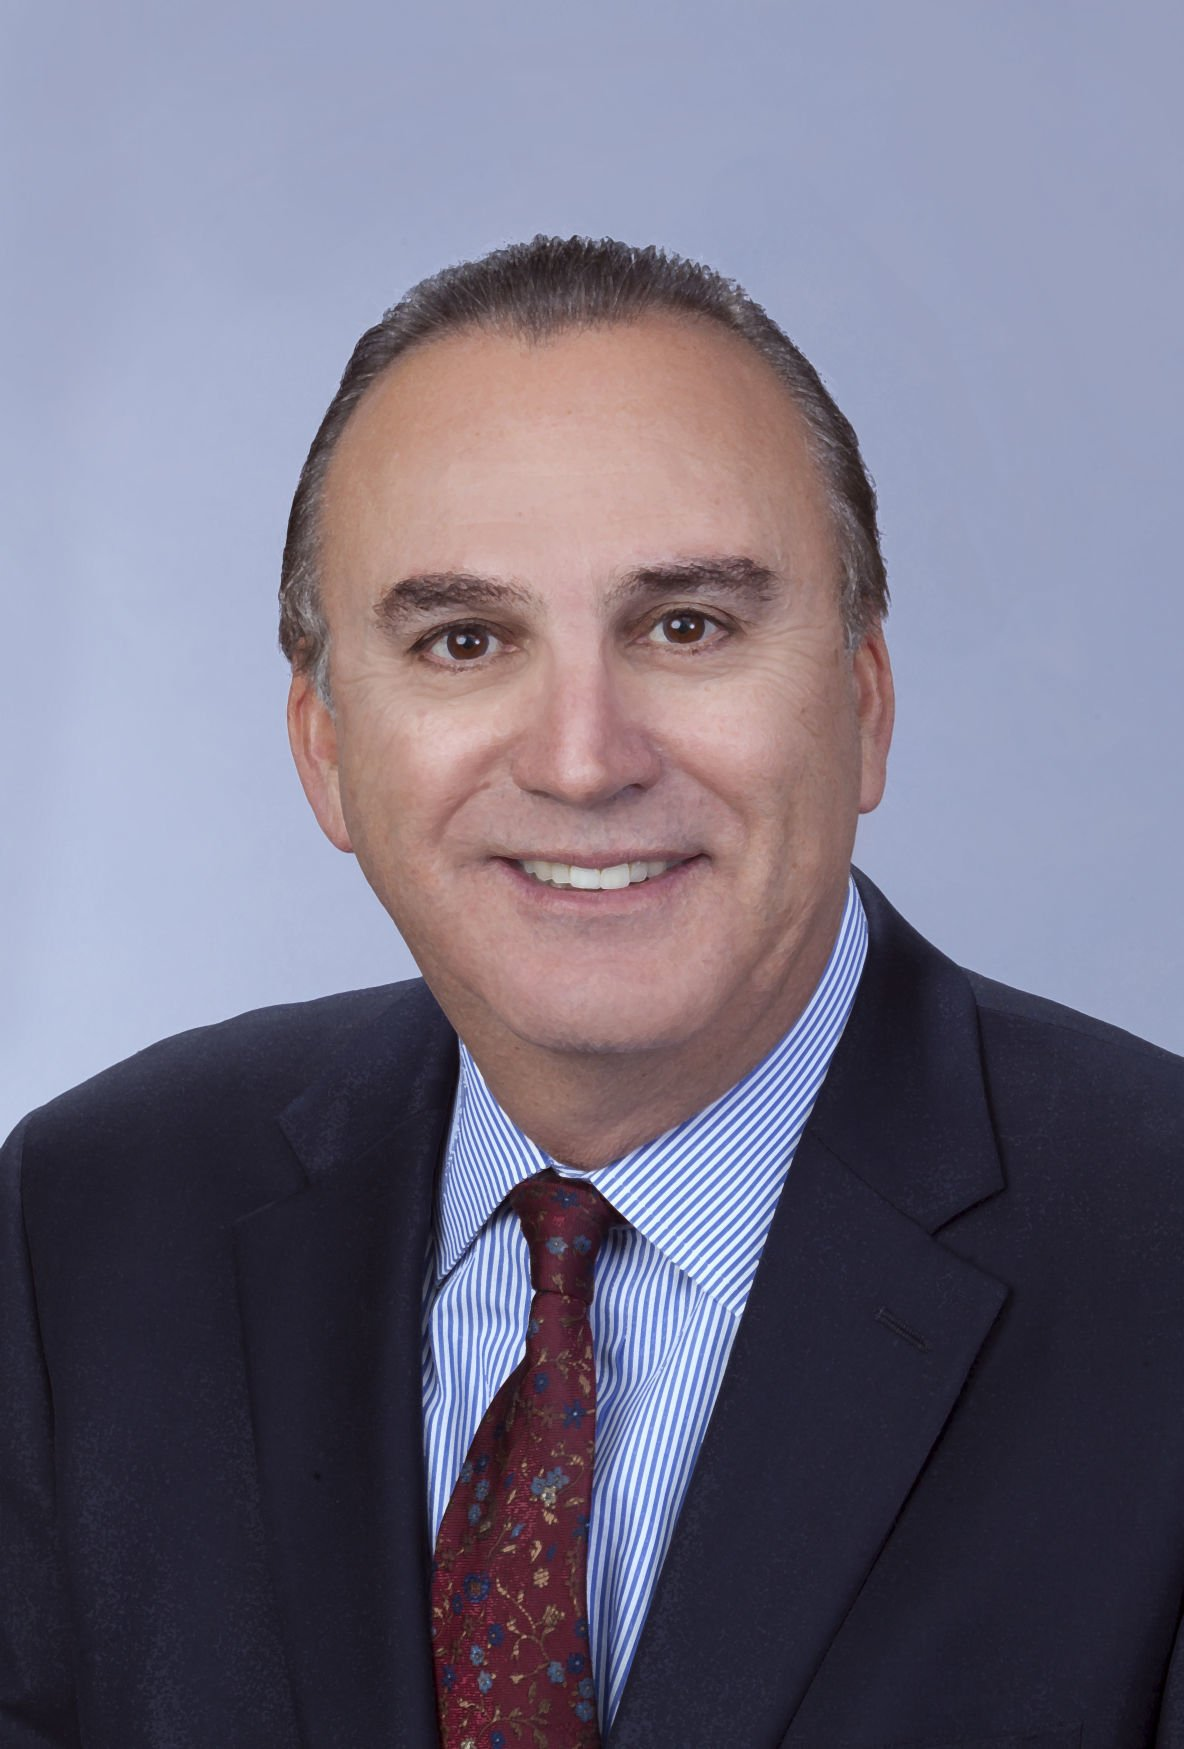 Dr. Pichichero